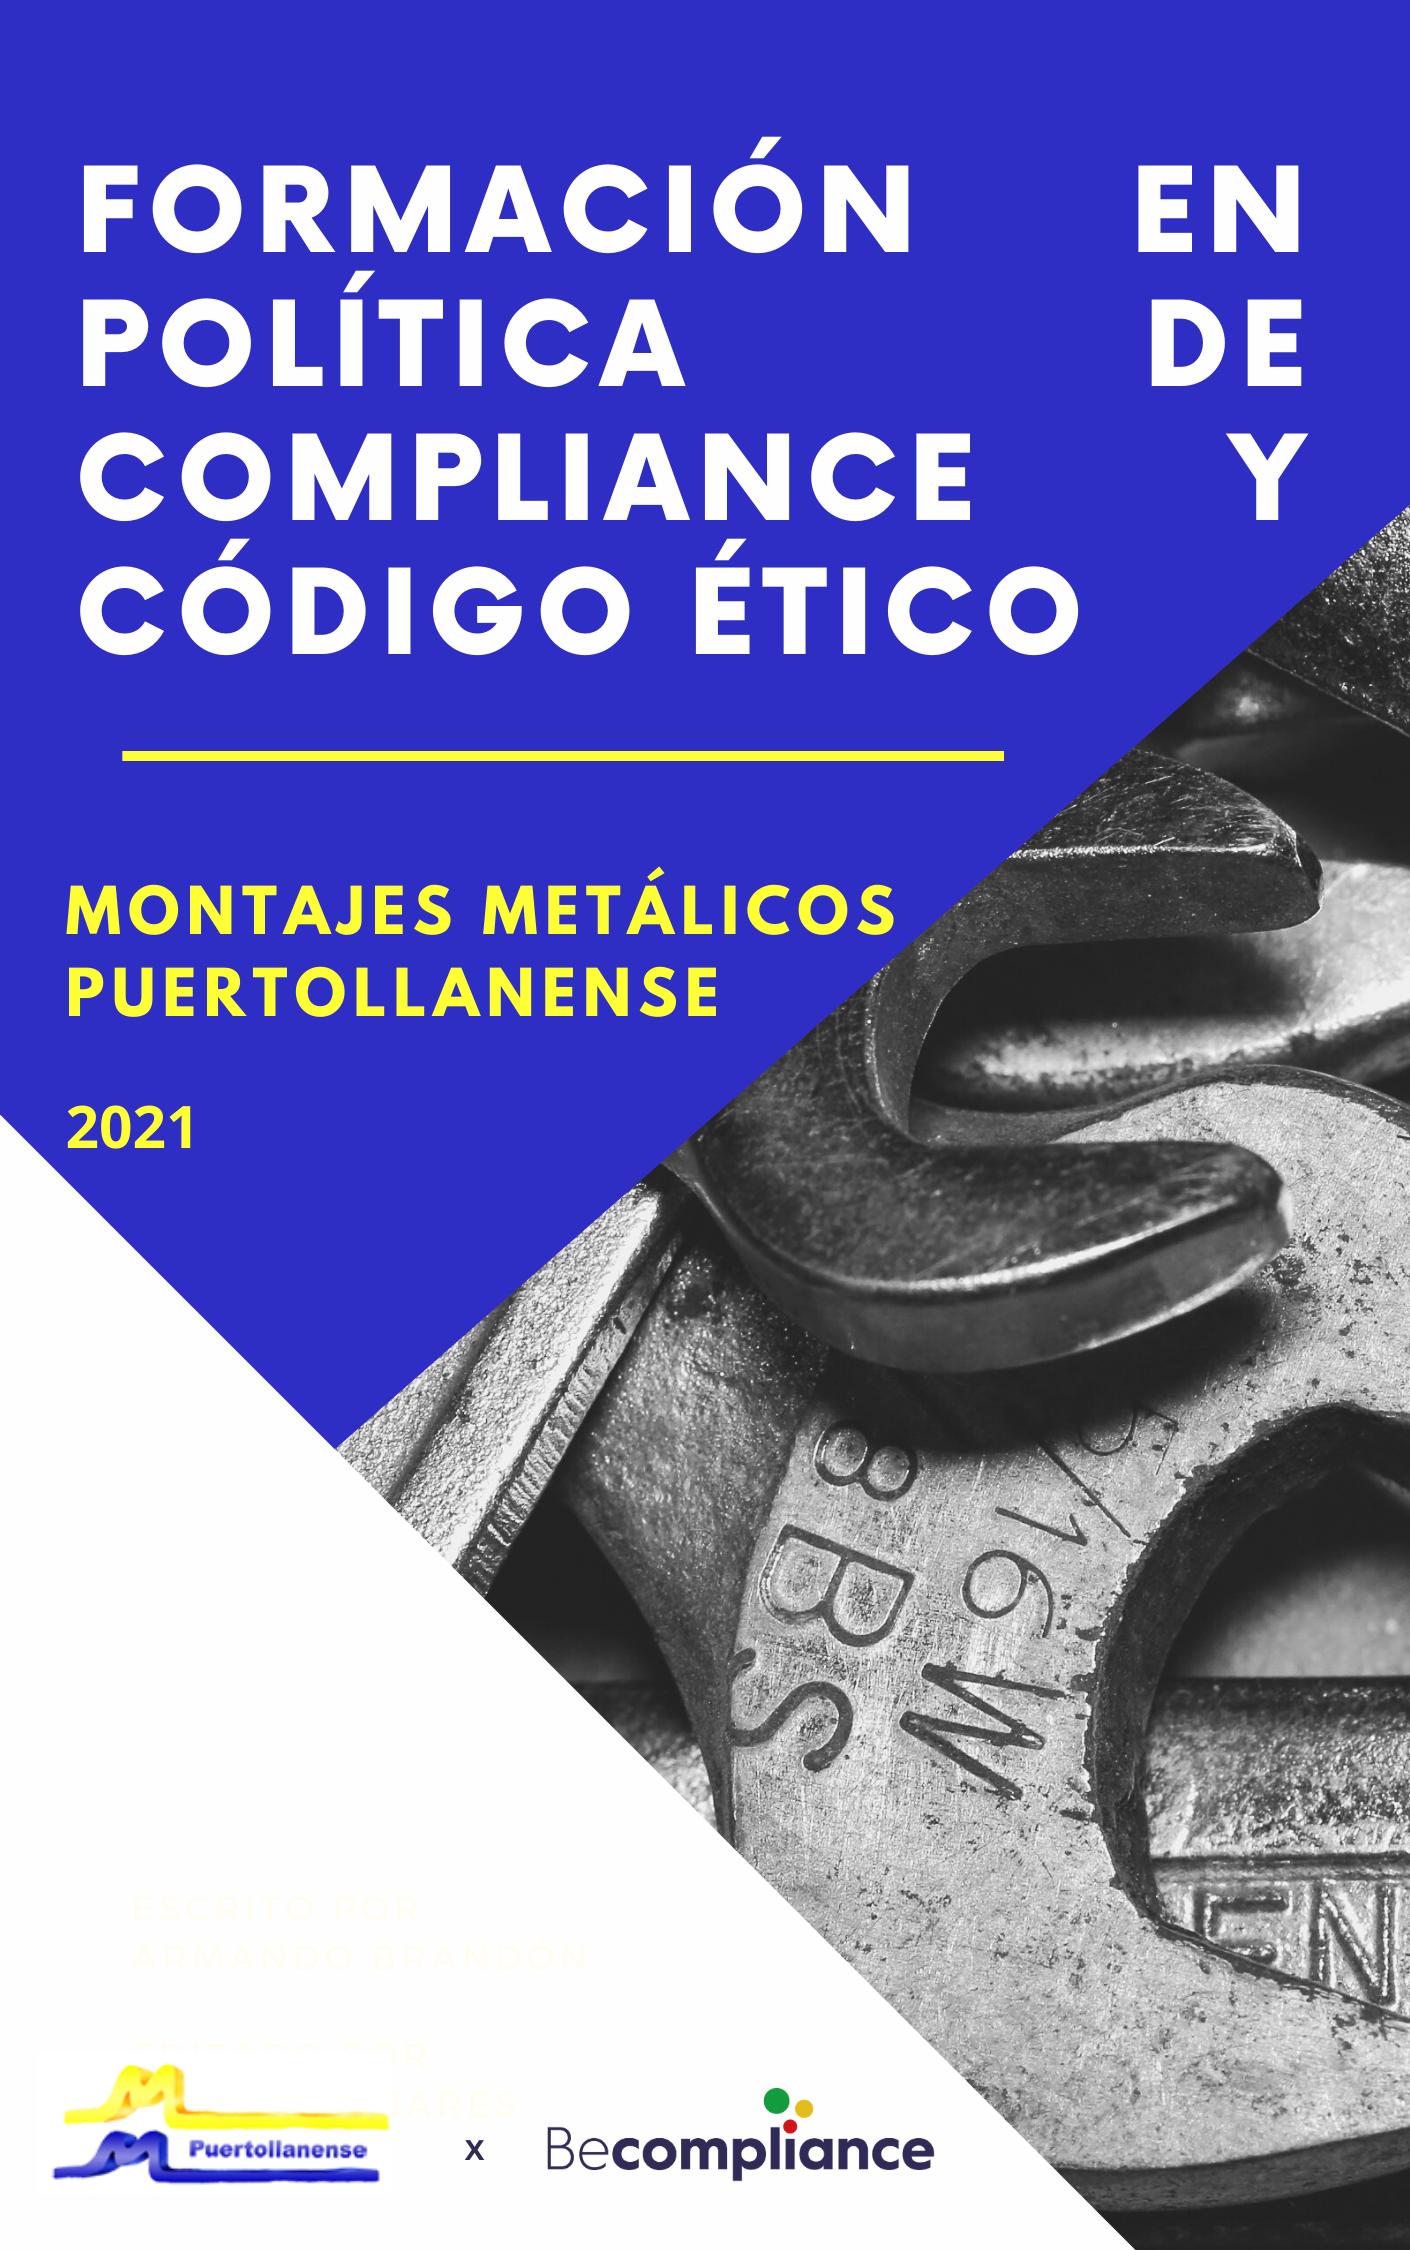 POLÍTICA DE COMPLIANCE Y CÓDIGO ÉTICO DE PUERTOLLANENSE